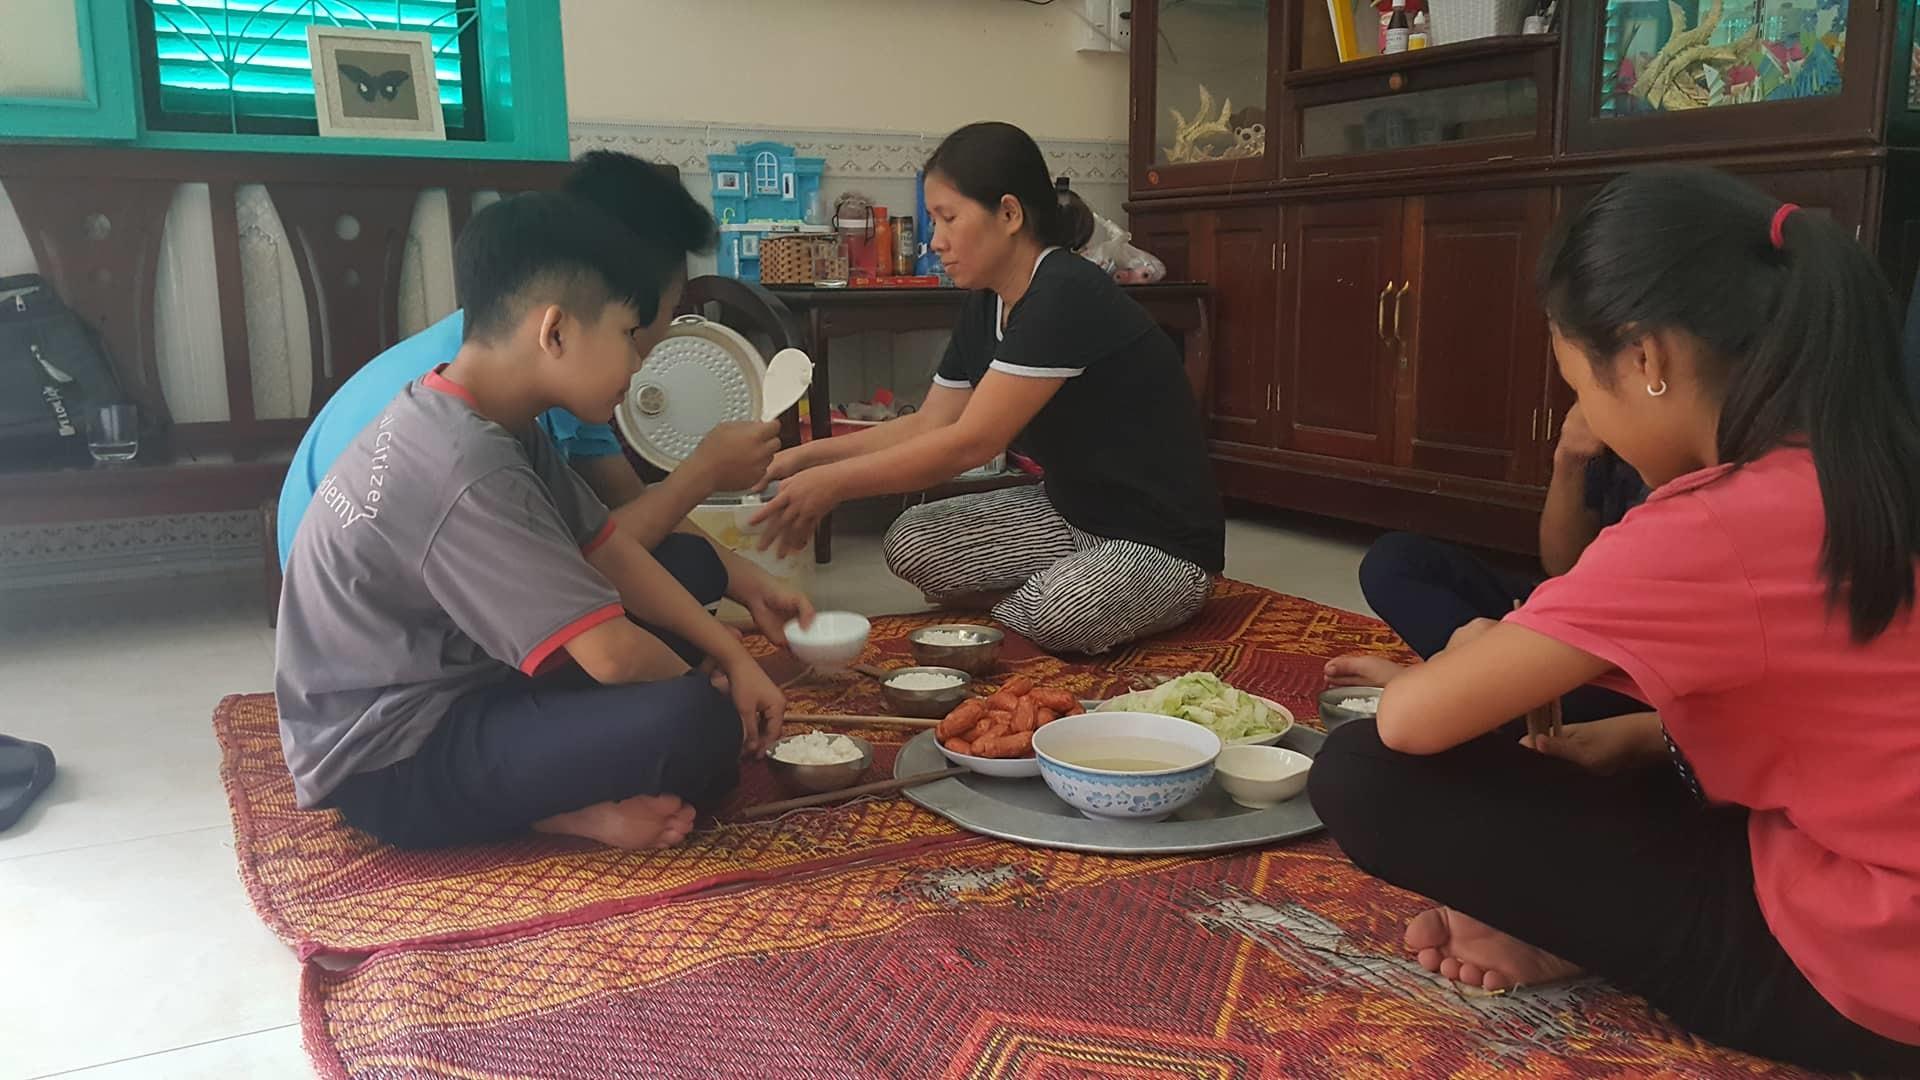 Người mẹ đơn thân nuôi 7 con trong căn nhà đặc biệt giữa lòng Hà Nội